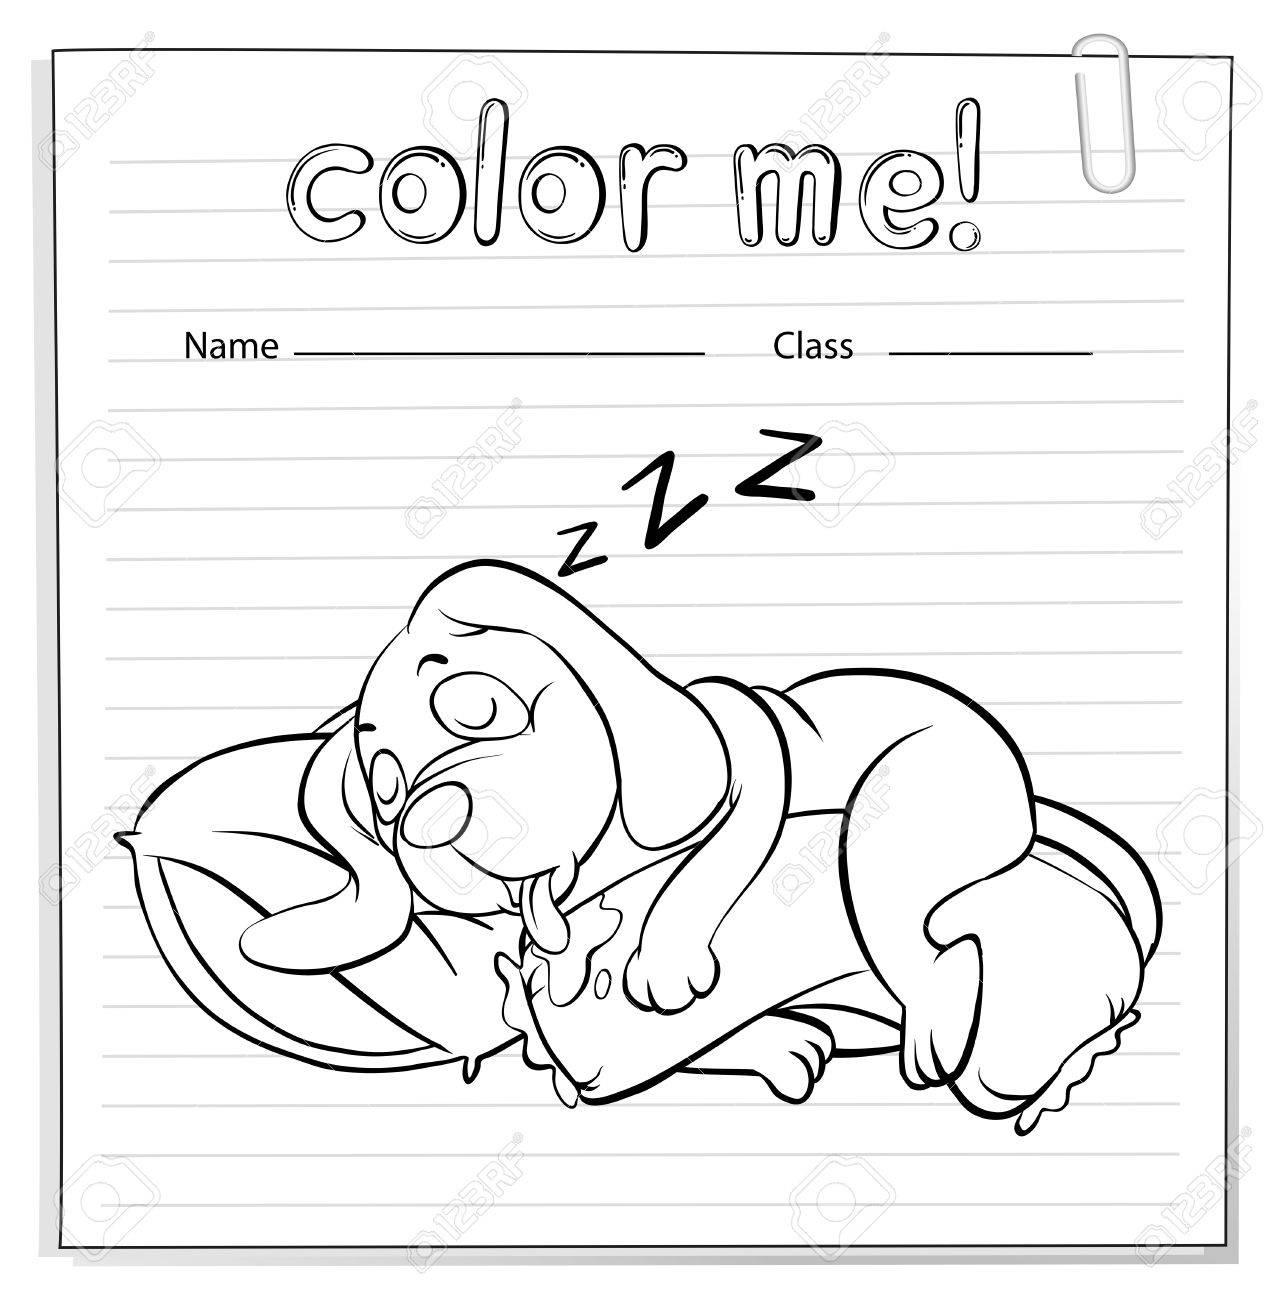 Ein Arbeitsblatt Mit Ein Hund Schlafen Auf Einem Weißen Hintergrund ...